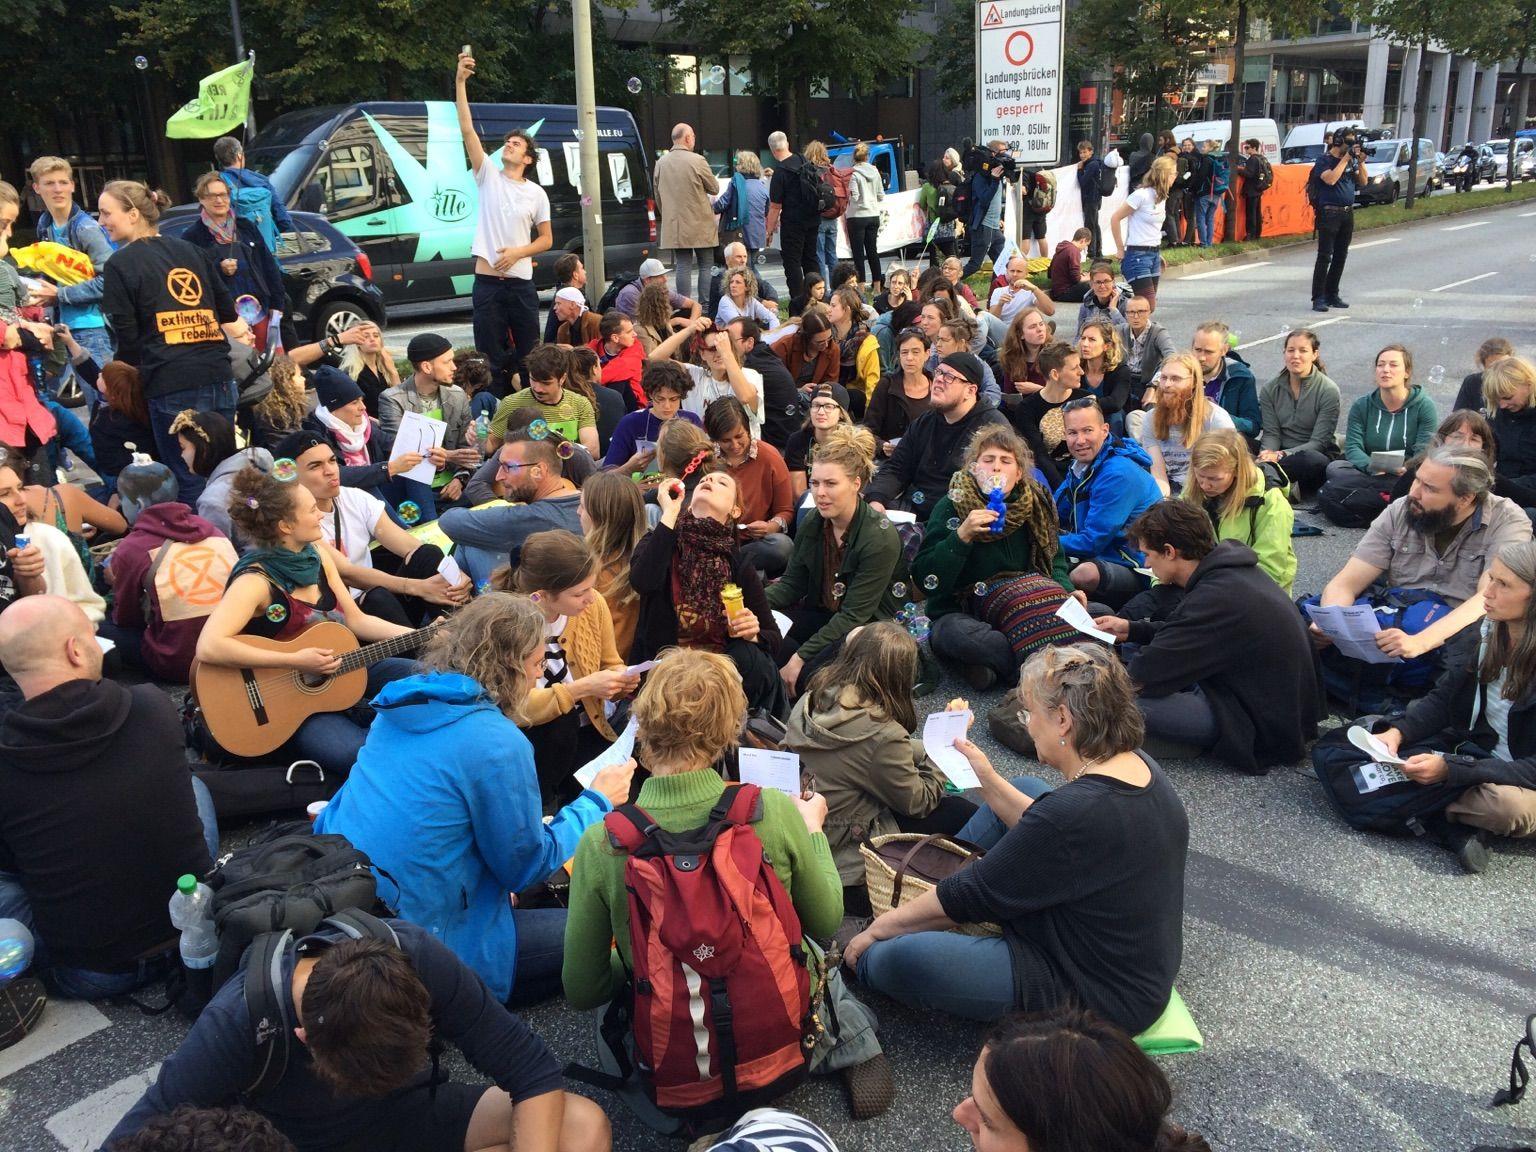 Auf der Straße sitzende Personen, die gemeinsam singen